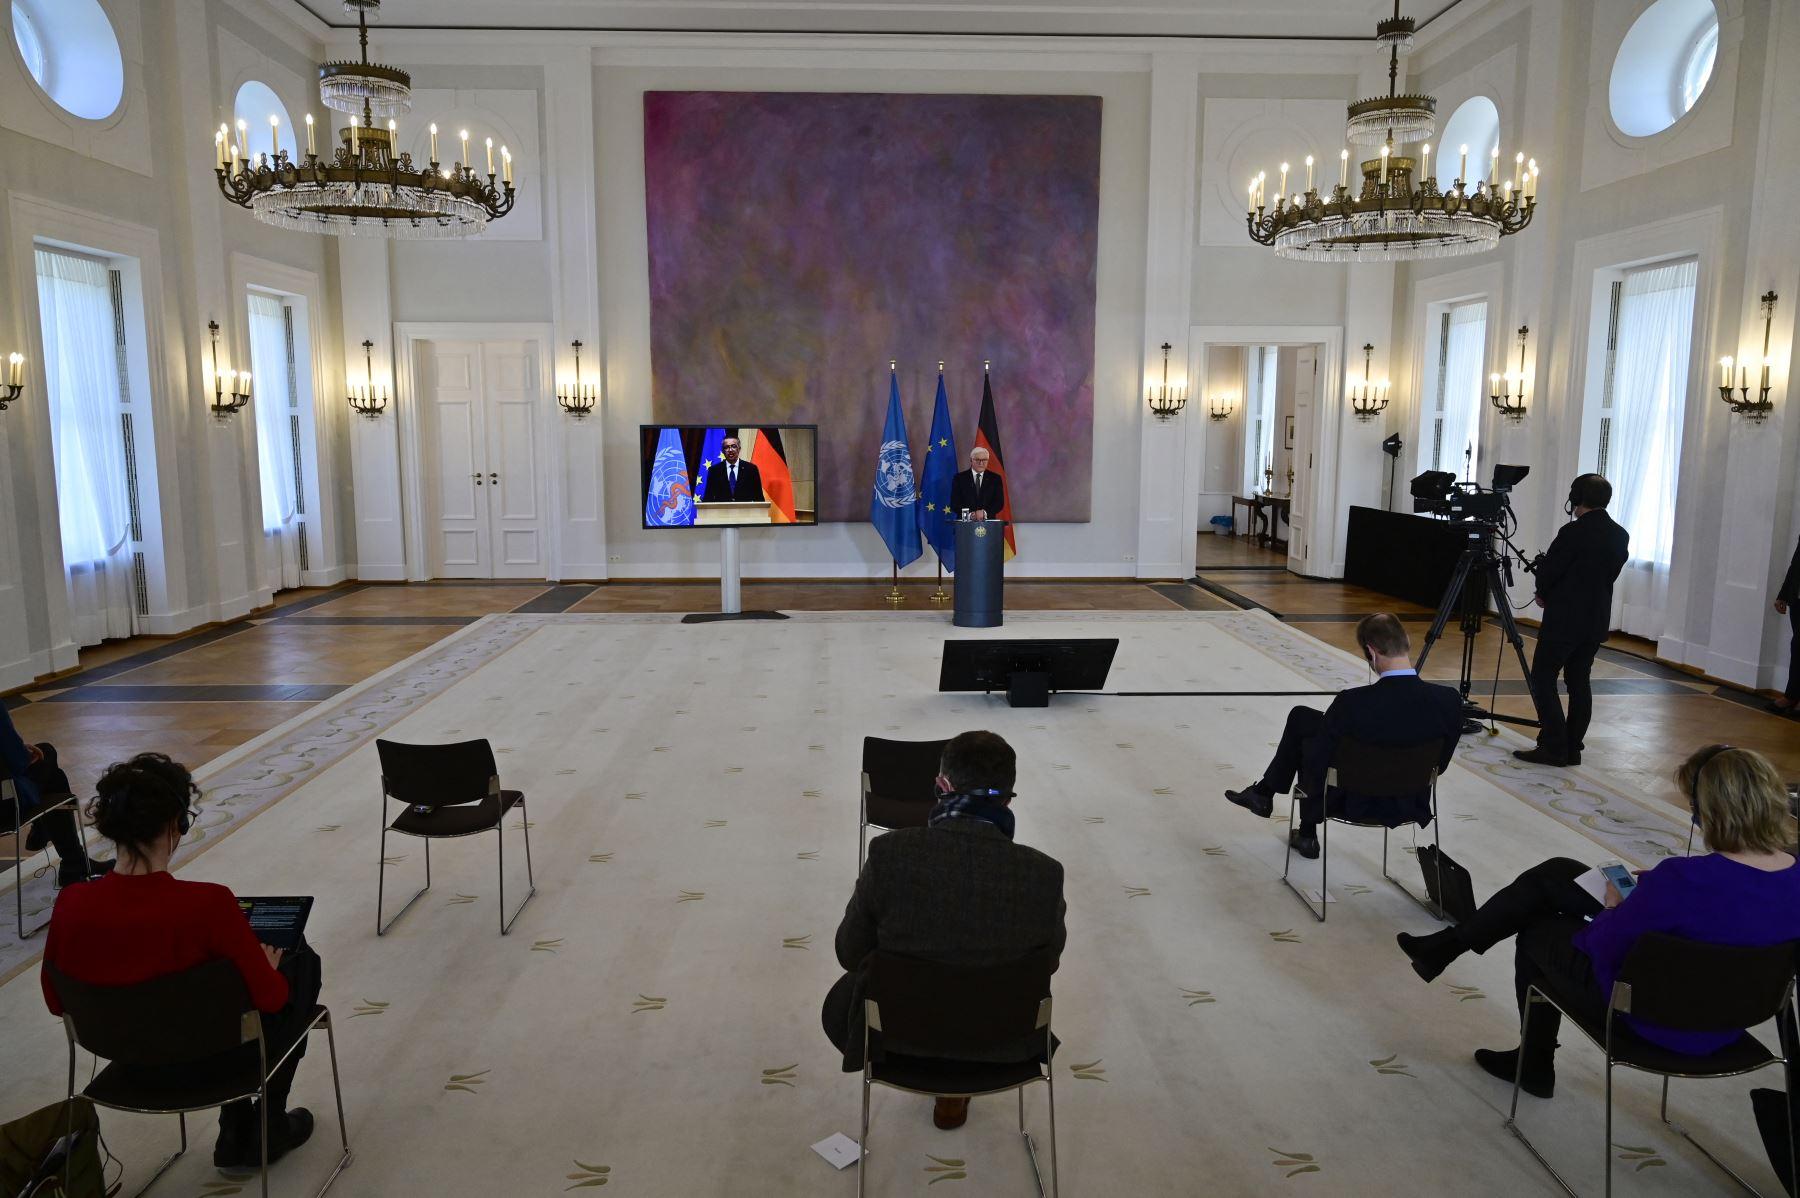 Los periodistas escuchan mientras el presidente alemán Frank-Walter Steinmeier (atrás) ofrece una conferencia de prensa con Tedros Adhanom Ghebreyesus, Director General de la Organización Mundial de la Salud (OMS), a través de una videoconferencia y con el distanciamiento social. Desde el comienzo de la epidemia más de 111.331.990 personas contrajeron la enfermedad. De ellas al menos 68.323.000 se recuperaron, según las autoridades. Foto: AFP